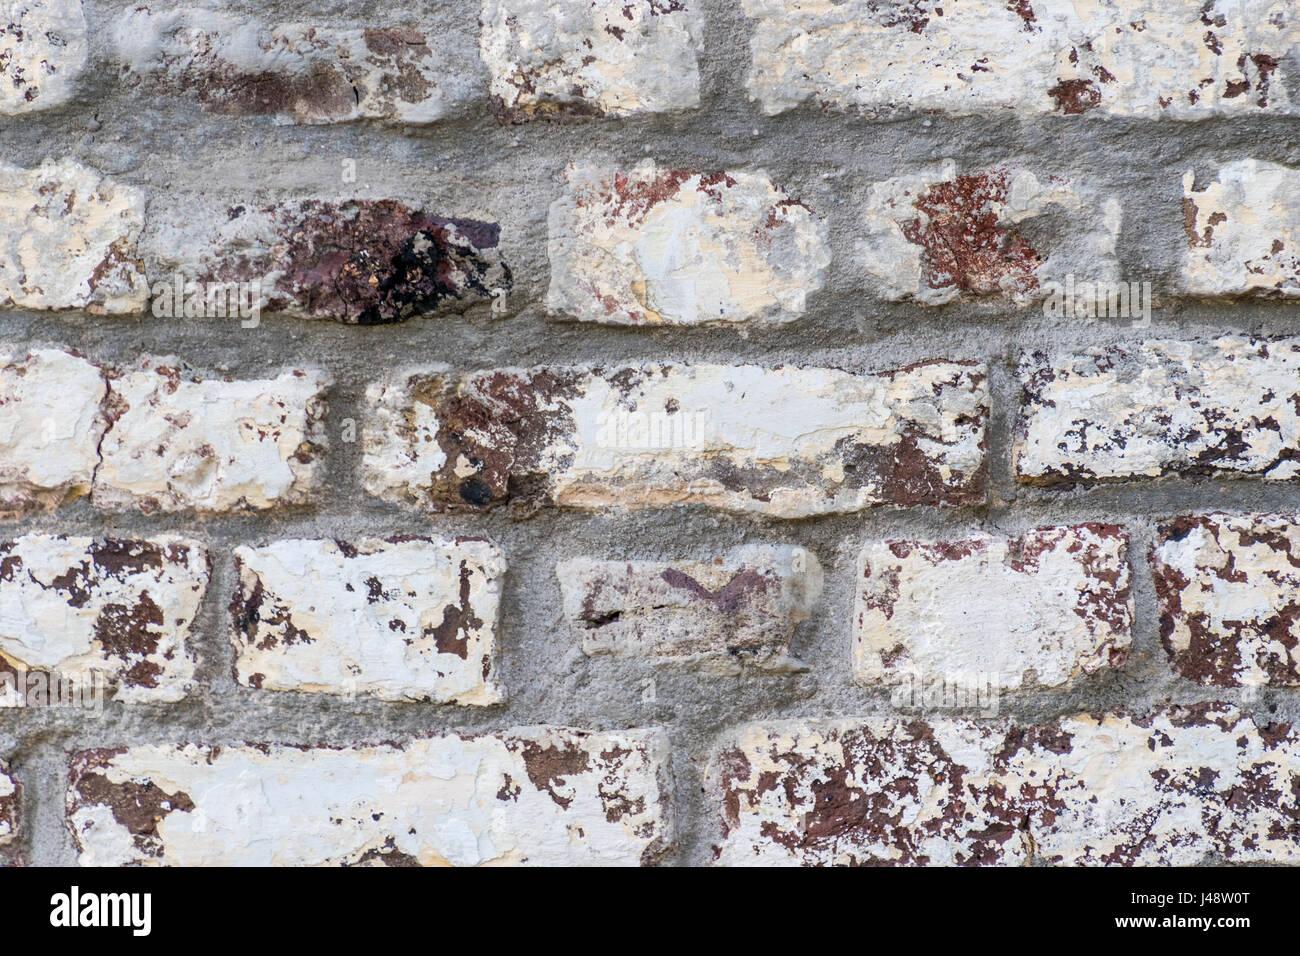 White verniciato di rosso mattone sfondo parete stretta shot Immagini Stock